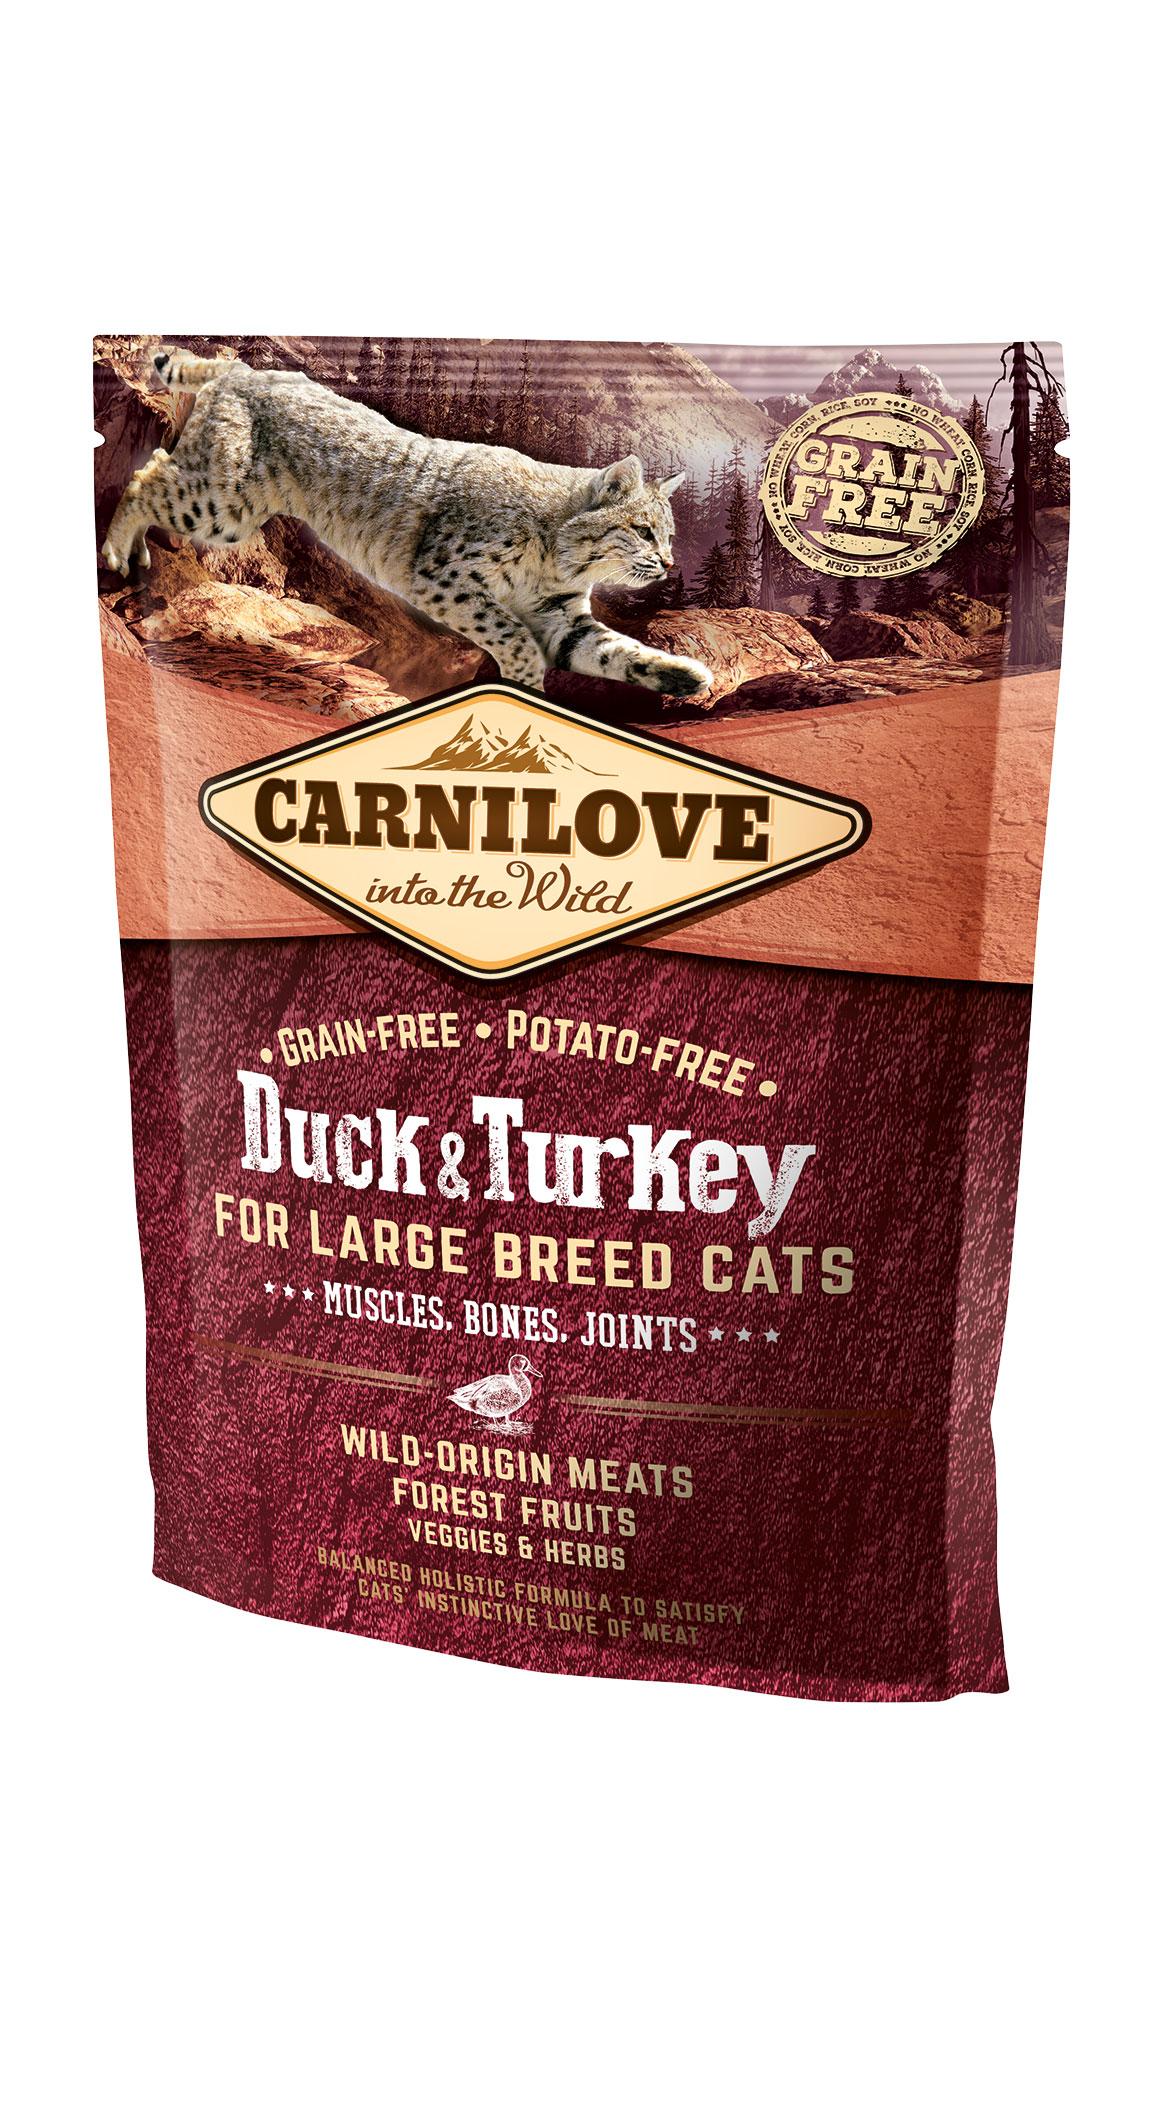 Carnilove Katze - Duck & Turkey ausgewachsene Katzen großer Rassen